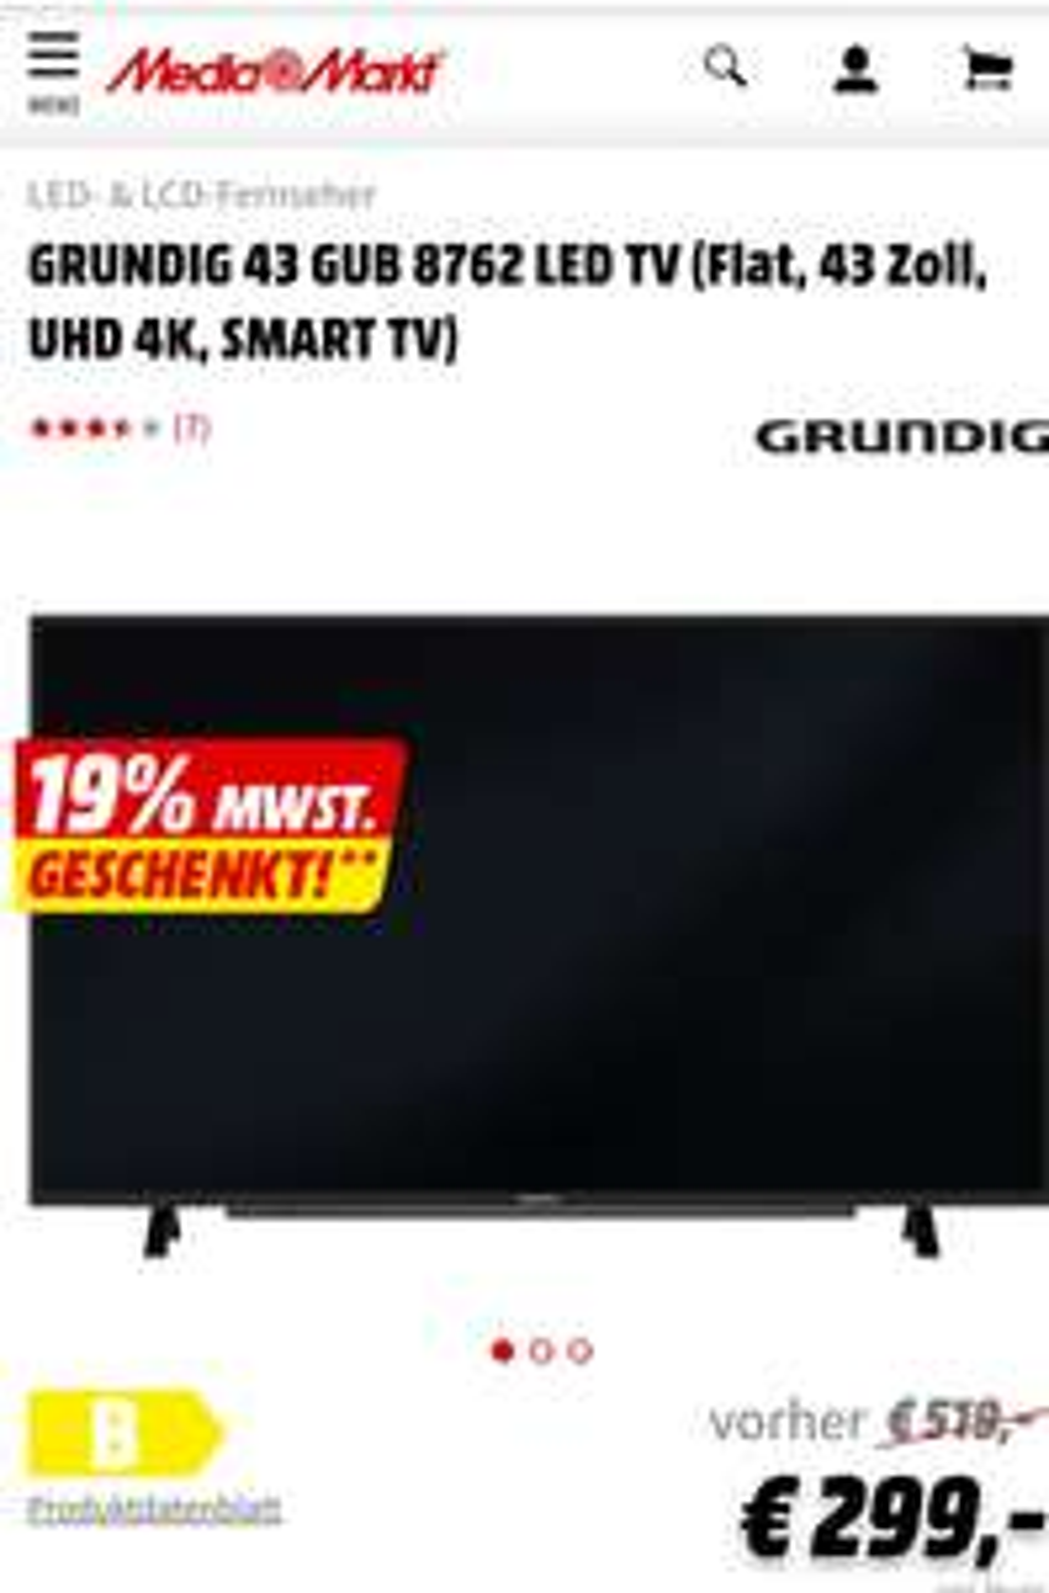 GRUNDIG 43 GUB 8762 LED TV (Flat, 43 Zoll, UHD 4K, SMART TV) für 251€